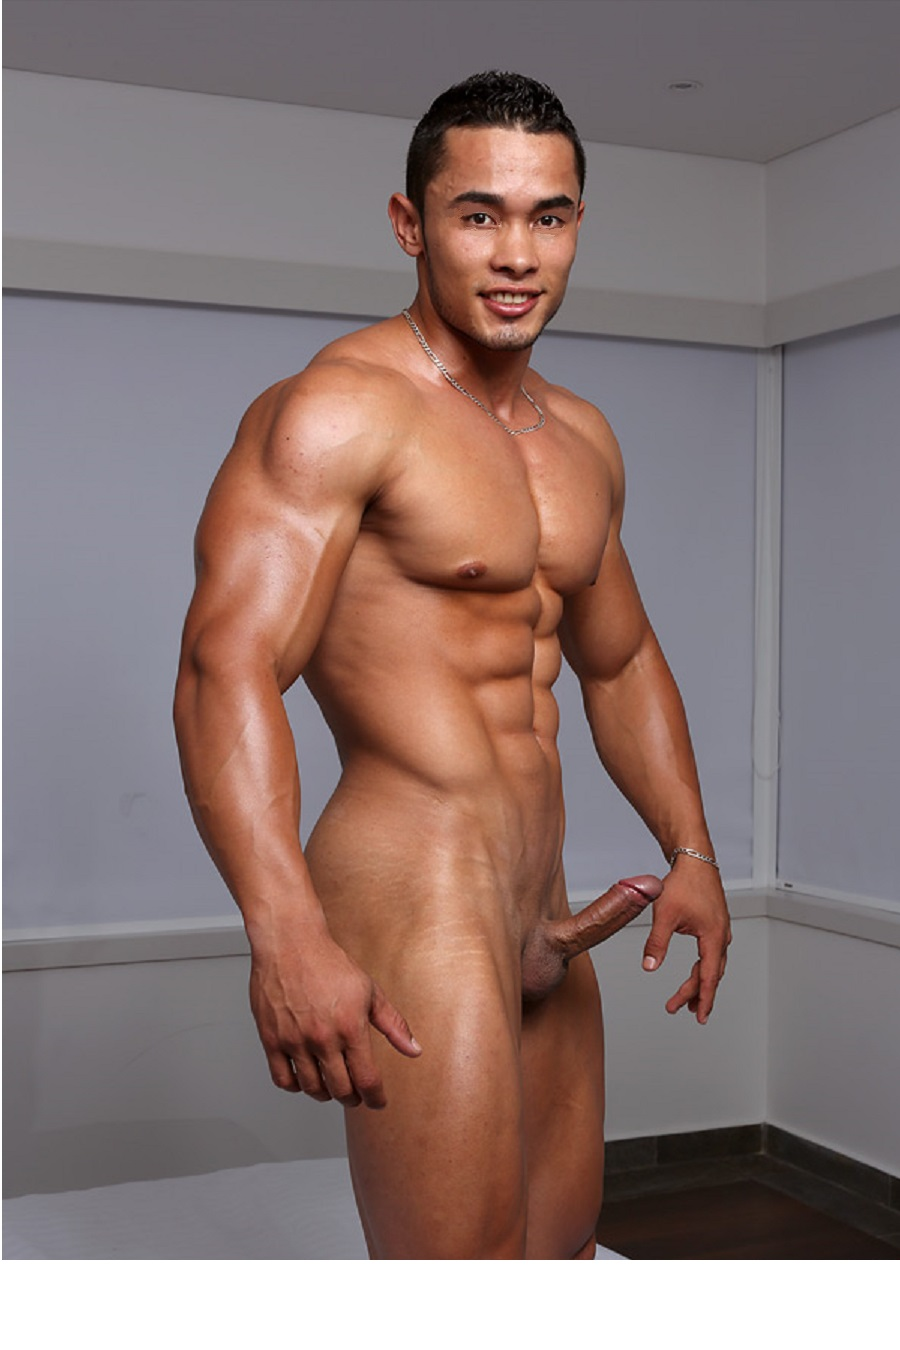 lycra spandex bulge public